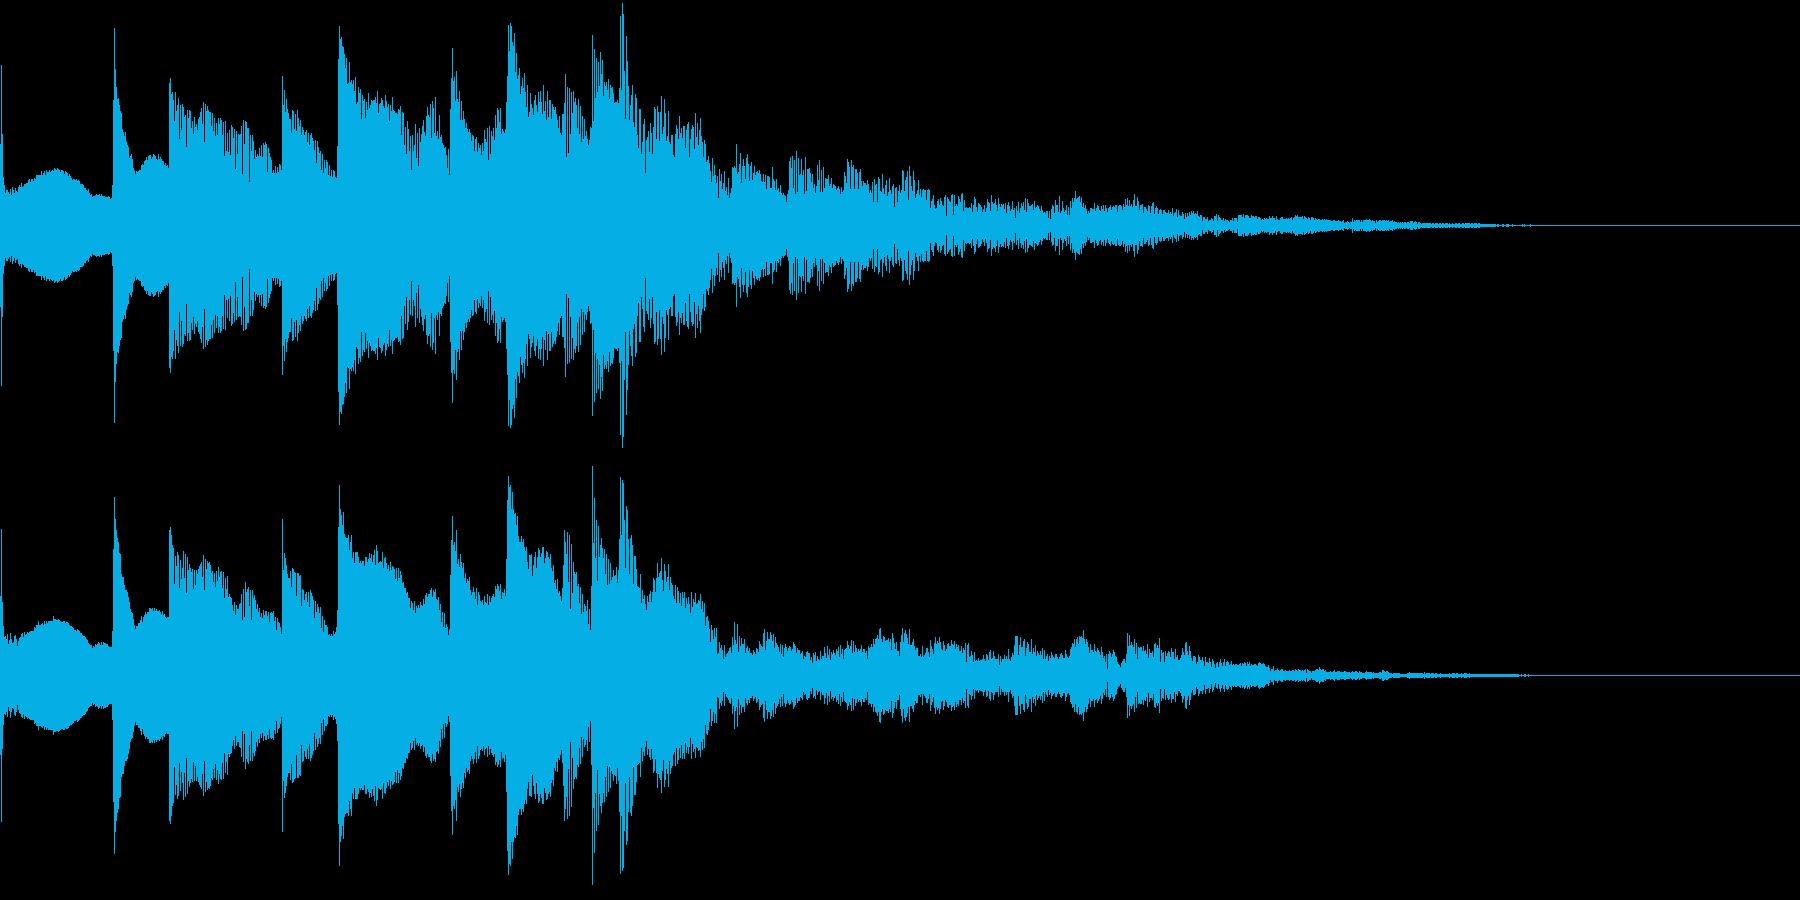 アップ 魔法 クリア ファンファーレ の再生済みの波形